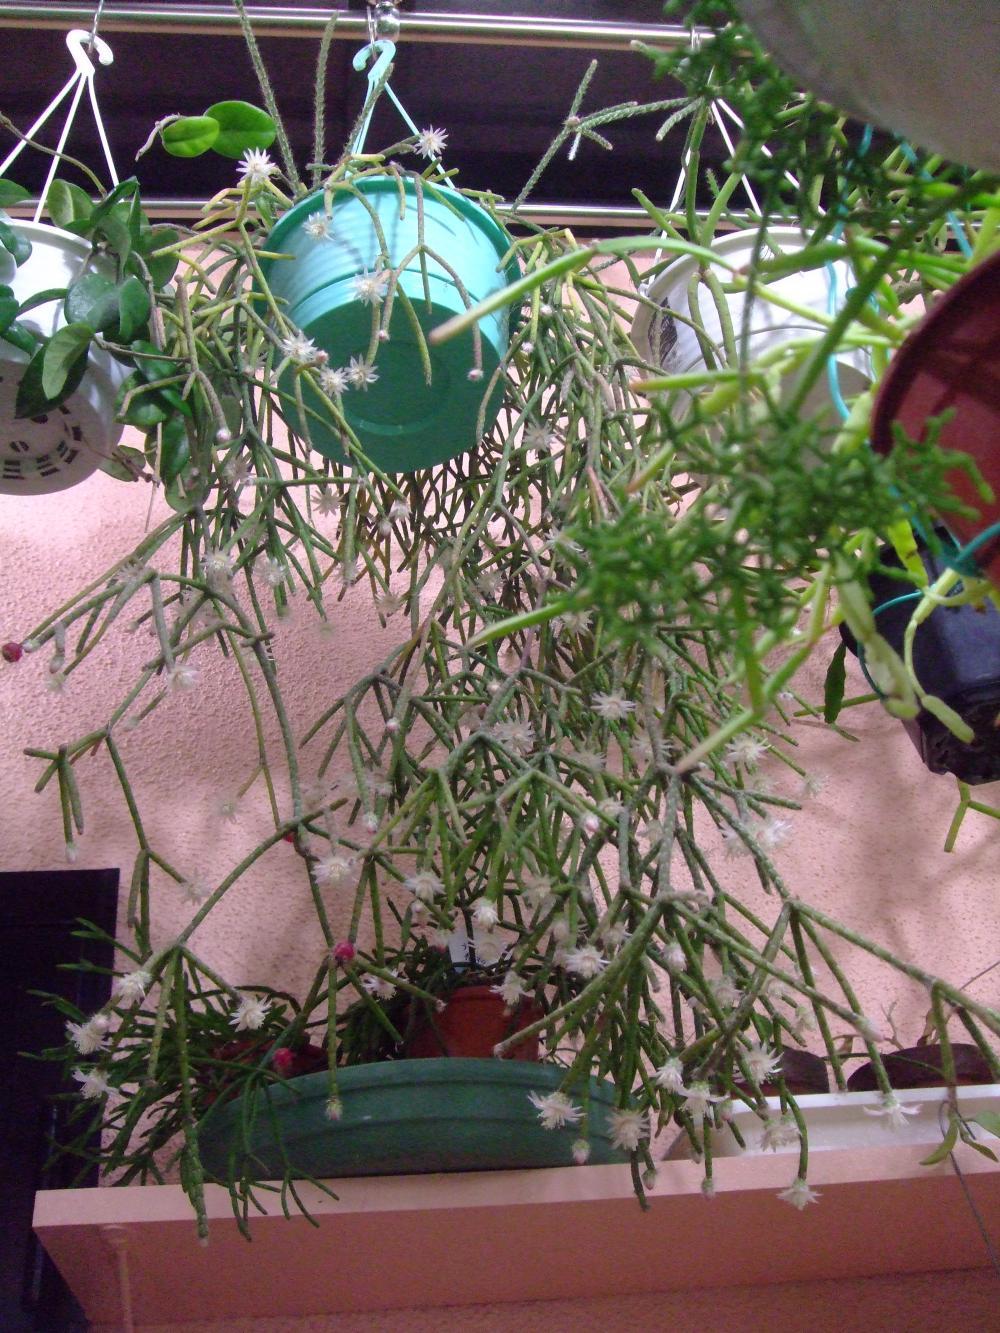 年末に室内で早くも開花ちゅう リプサリス3種 もじゃもじゃ 楕円型 芳香花 多肉うきうき Life